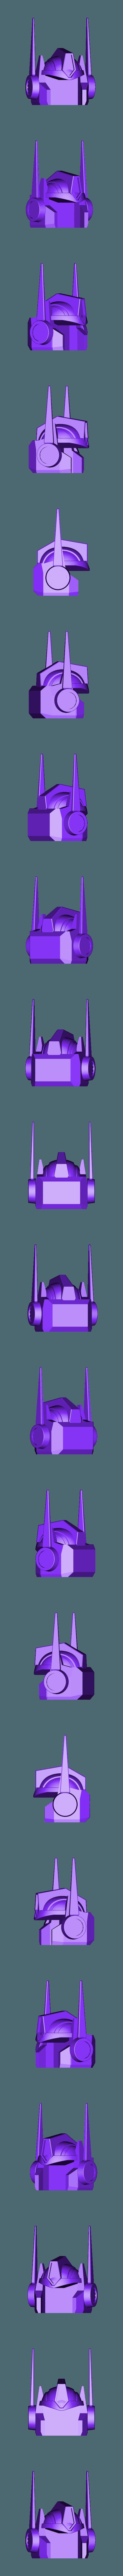 Head-Blue.stl Télécharger fichier STL gratuit Big Optimus Prime! - Modèle multi-matériaux • Plan pour imprimante 3D, ChaosCoreTech